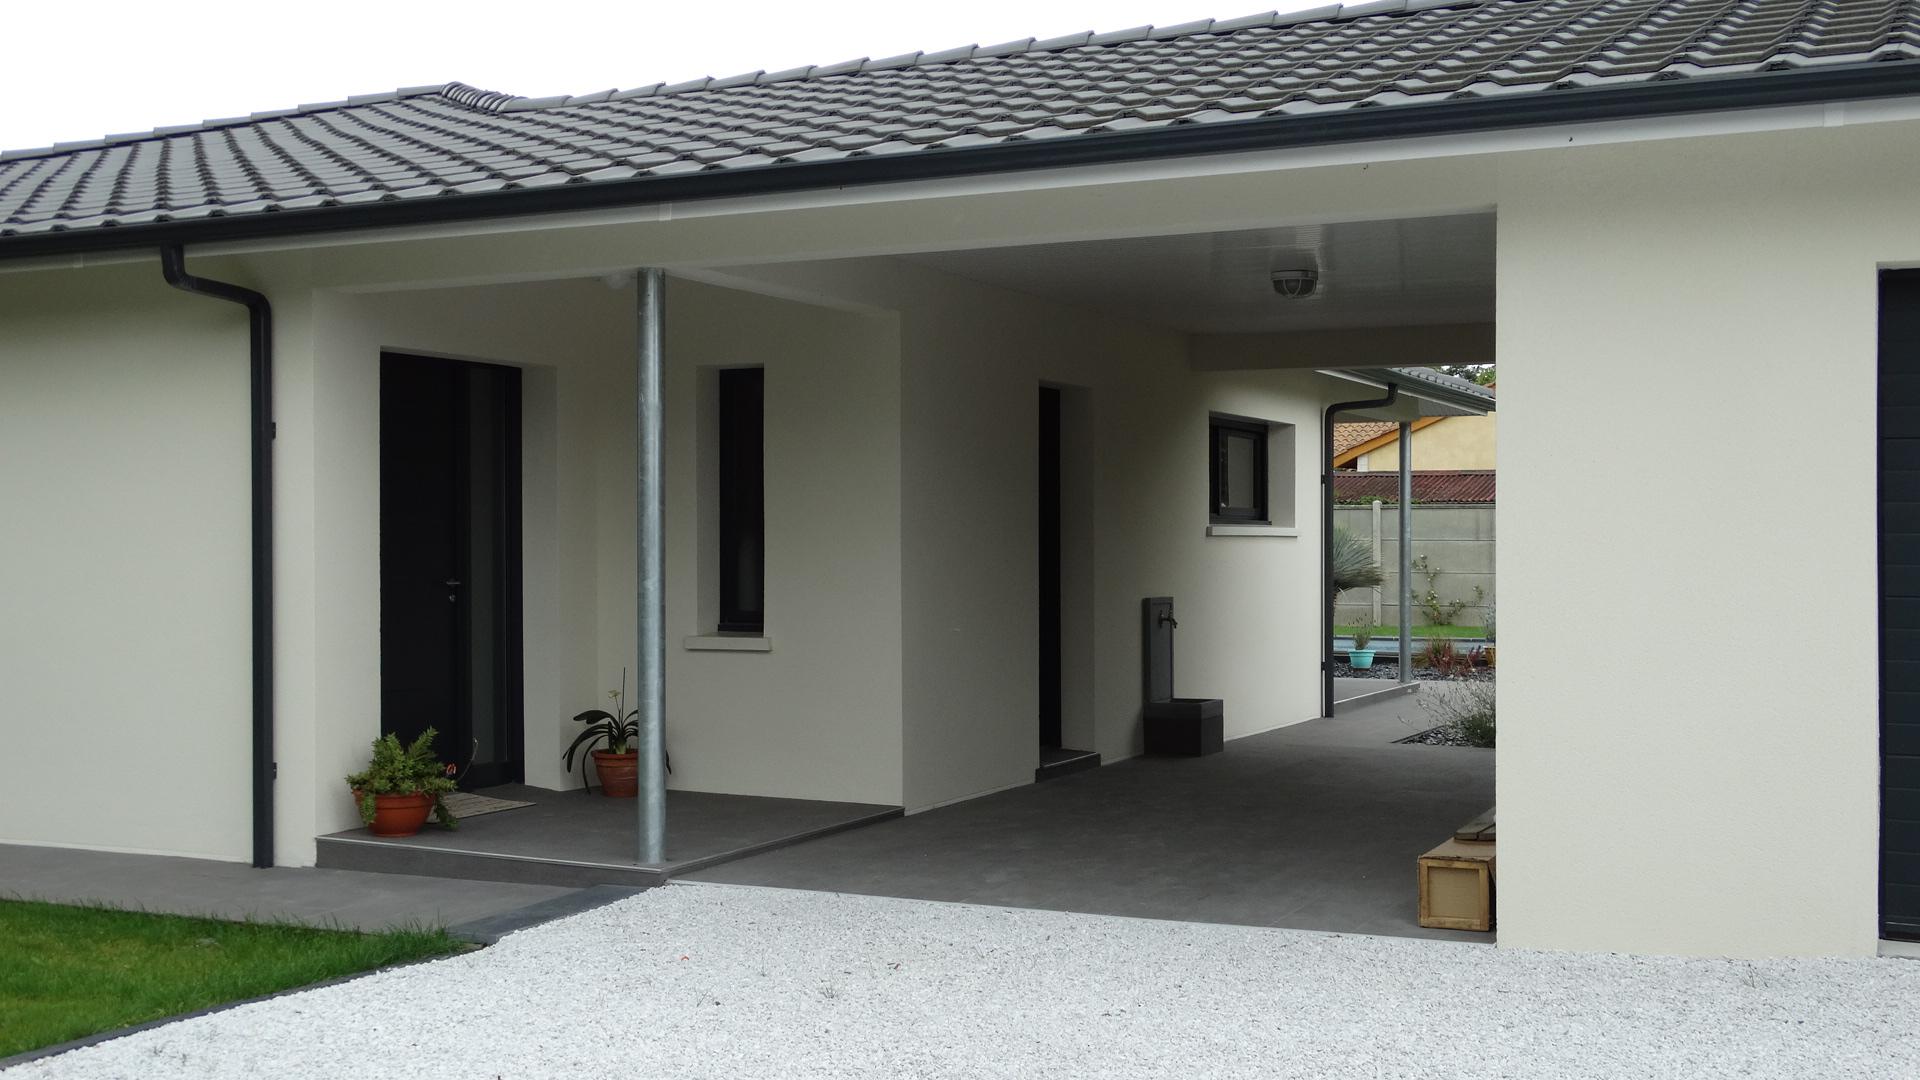 Auvent maison auvent de fentre with auvent maison for Auvent maison moderne